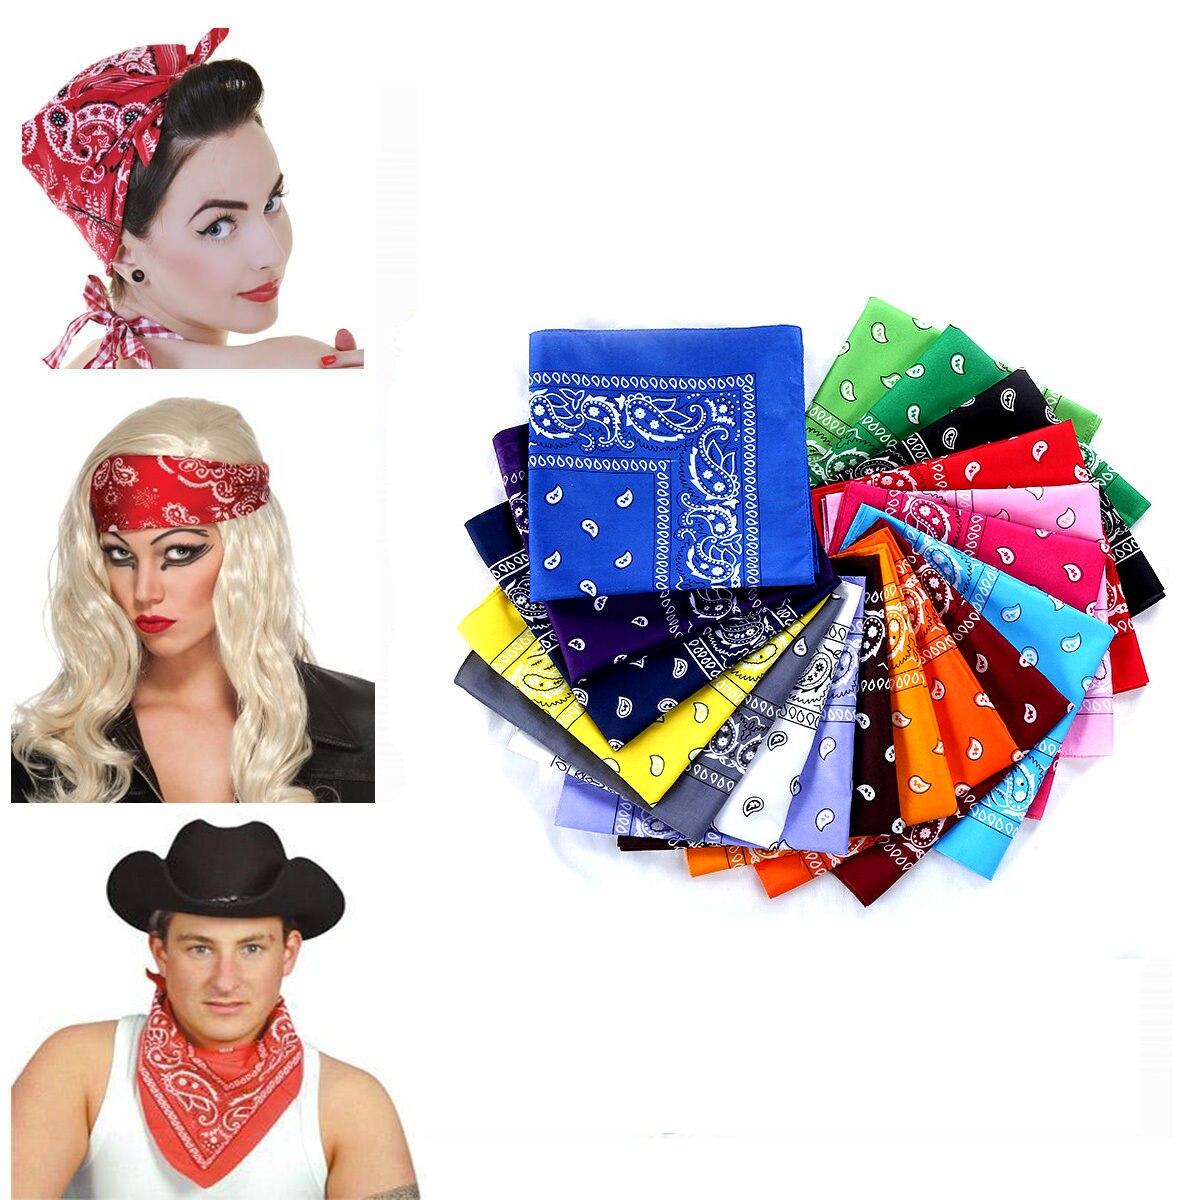 Écharpe gothique unisexe en coton   Toutes saisons, convient pour foulard unisexe, bandeau, bandeau, pour Bandana, Durag Bandanna, masque écharpe pour bikini, été